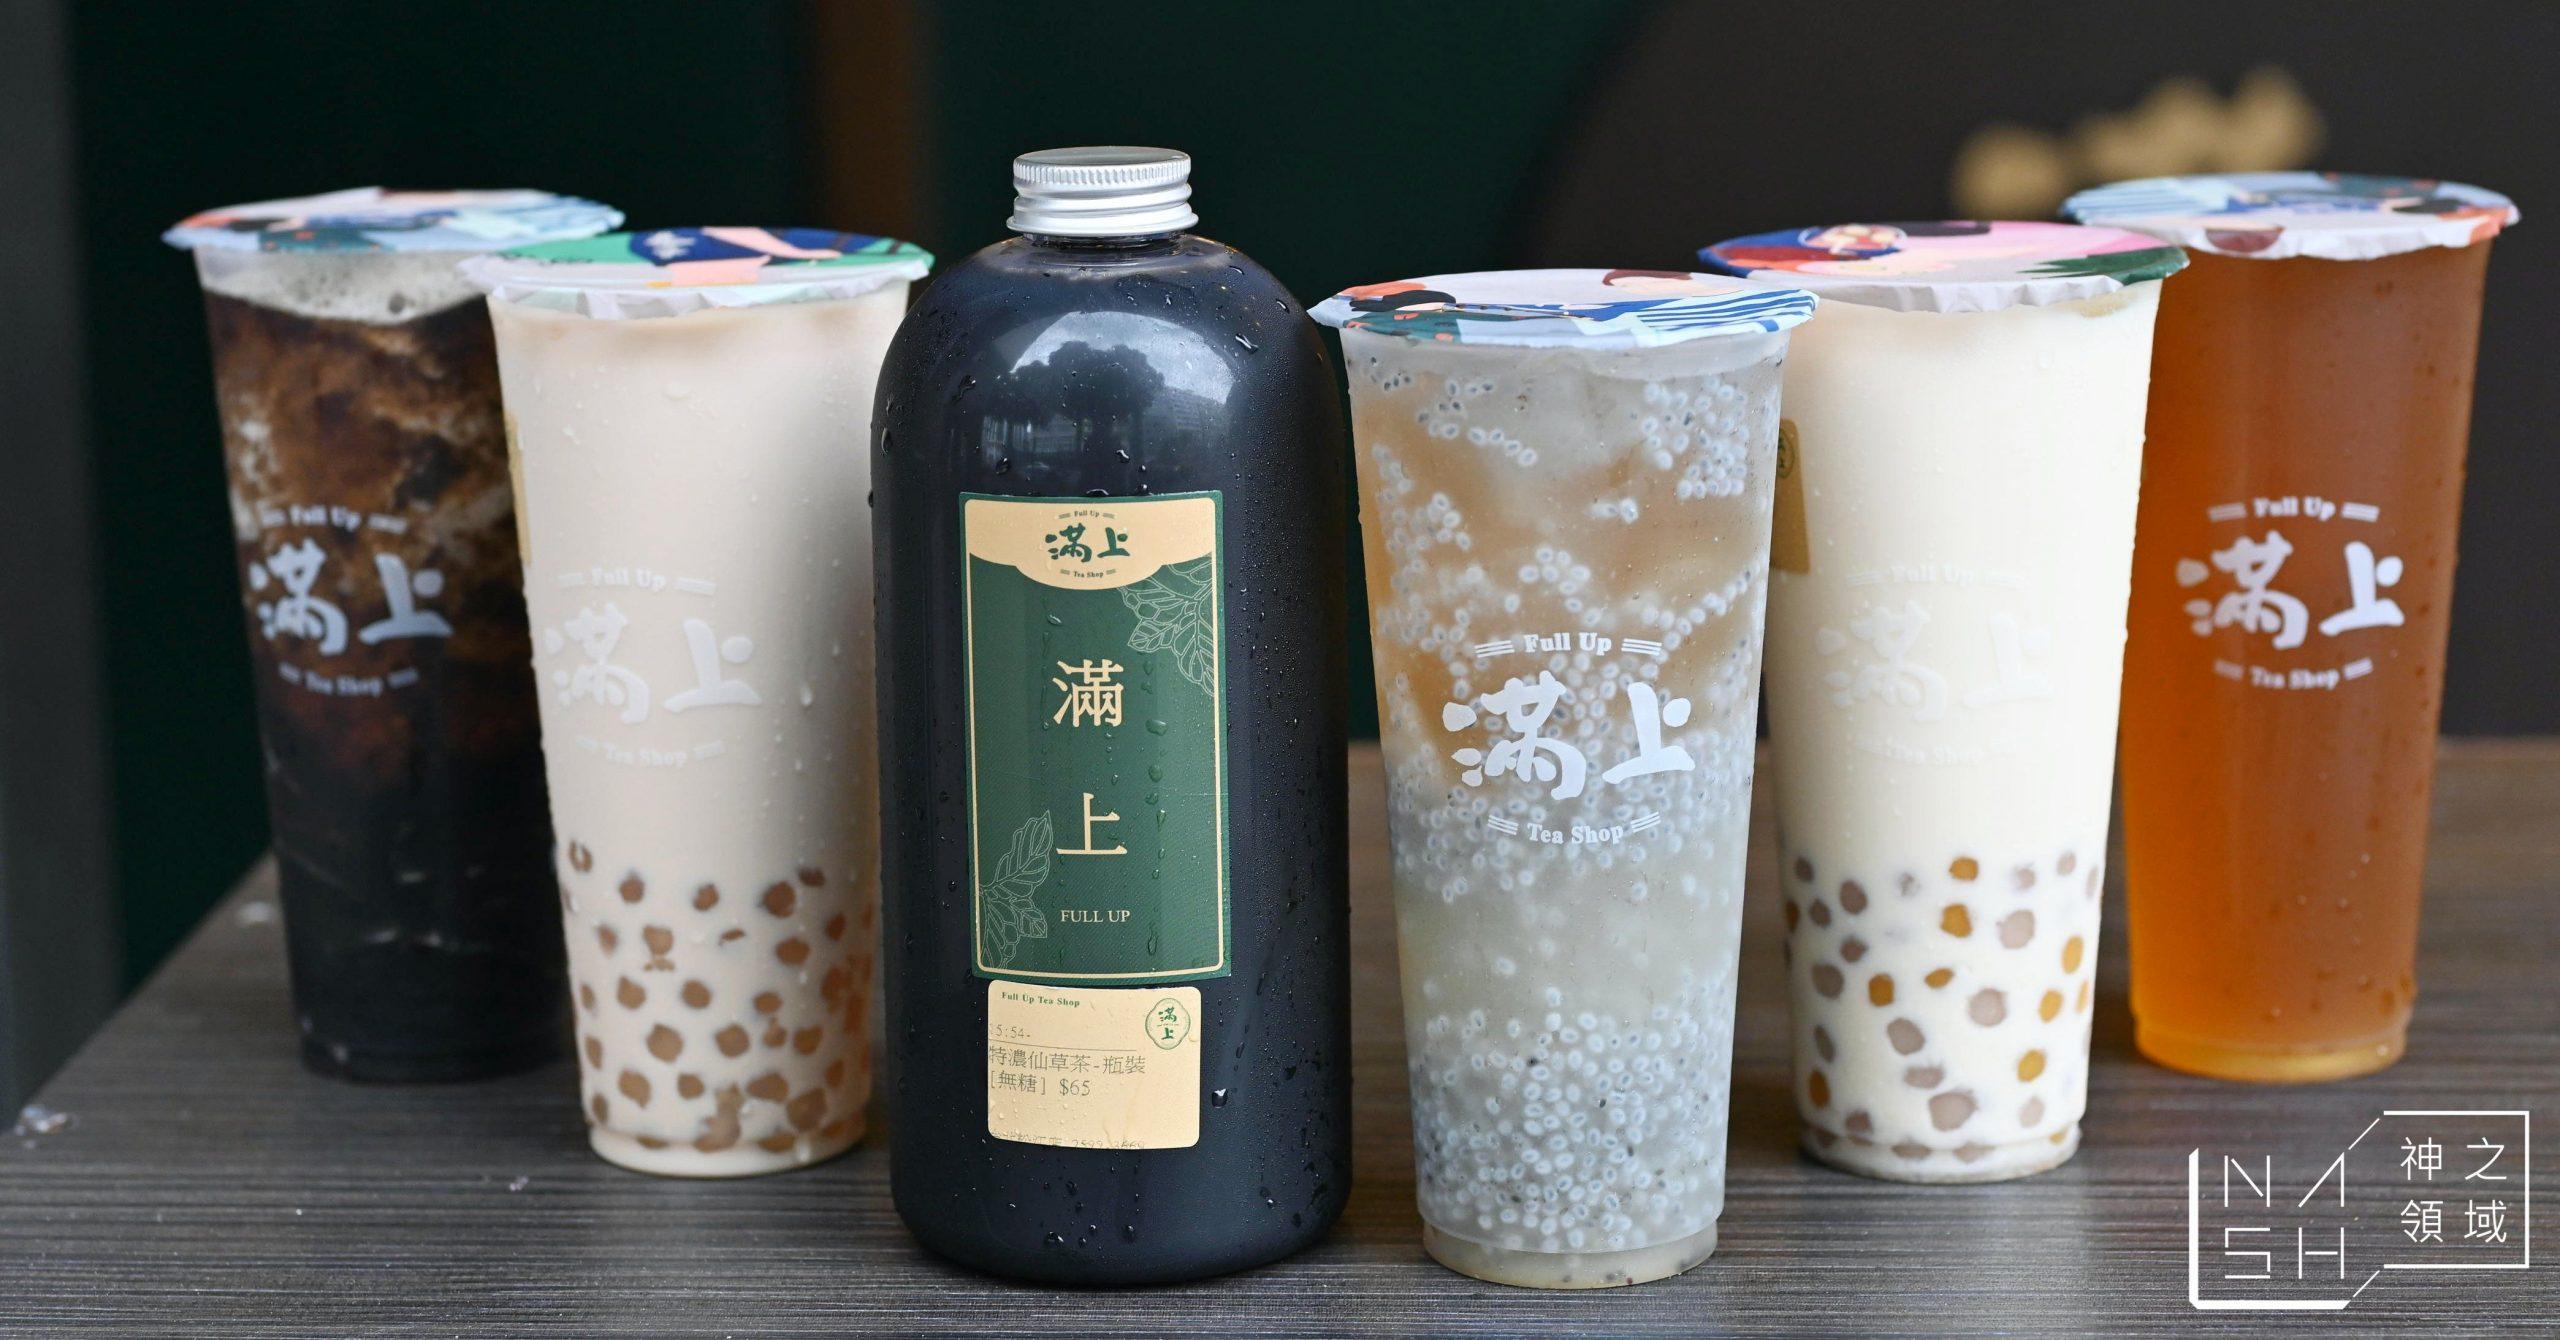 滿上仙草茶飲專賣店